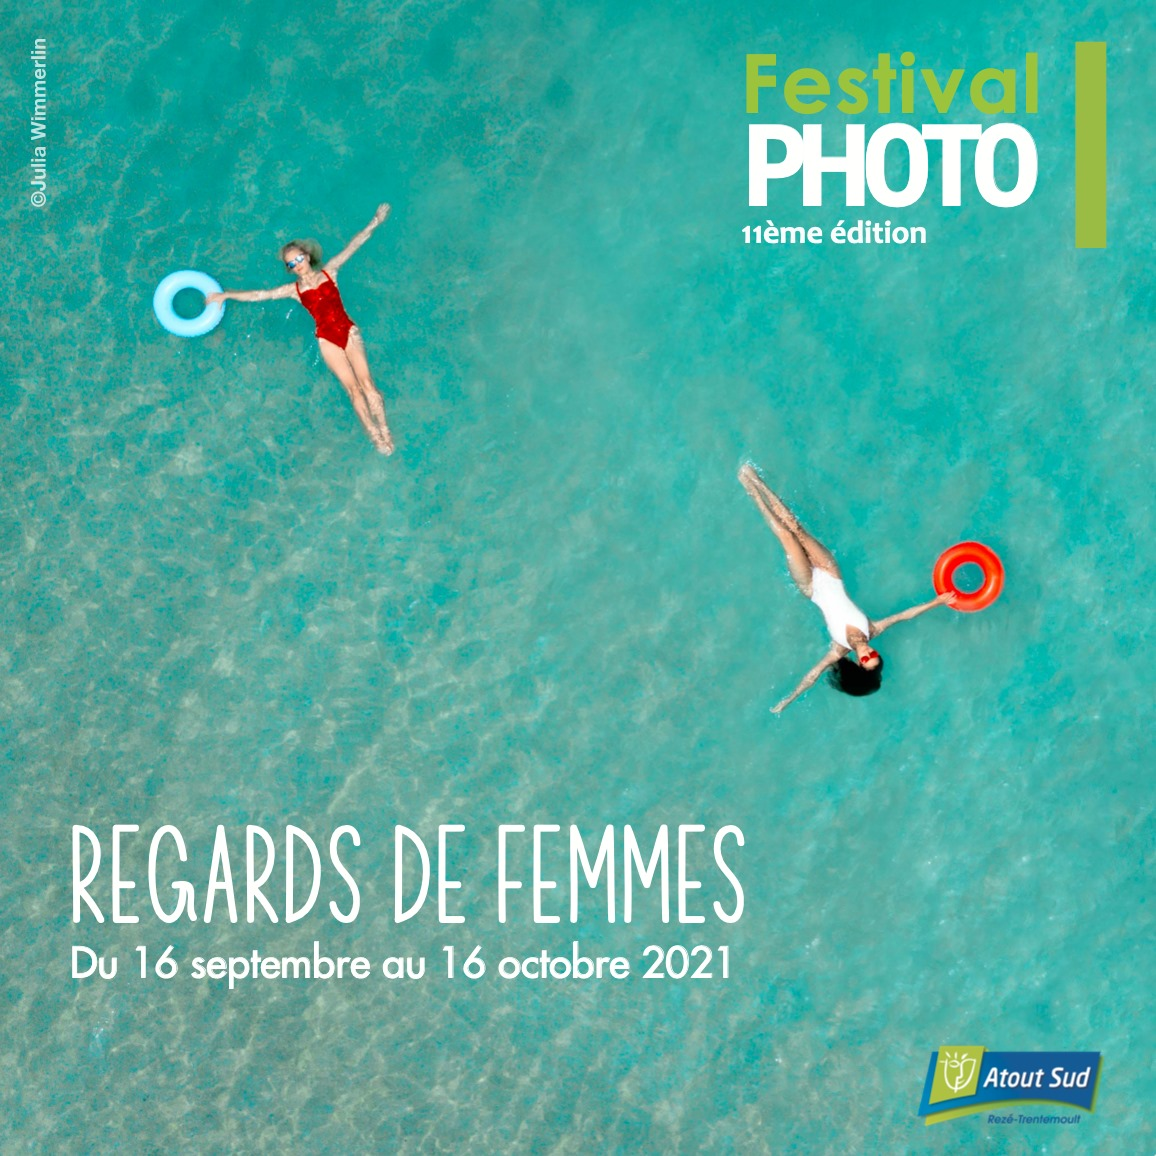 16 SEPTEMBRE-16 OCTOBRE 2021 : Invitée  Festival  ATOUT SUD - Nantes